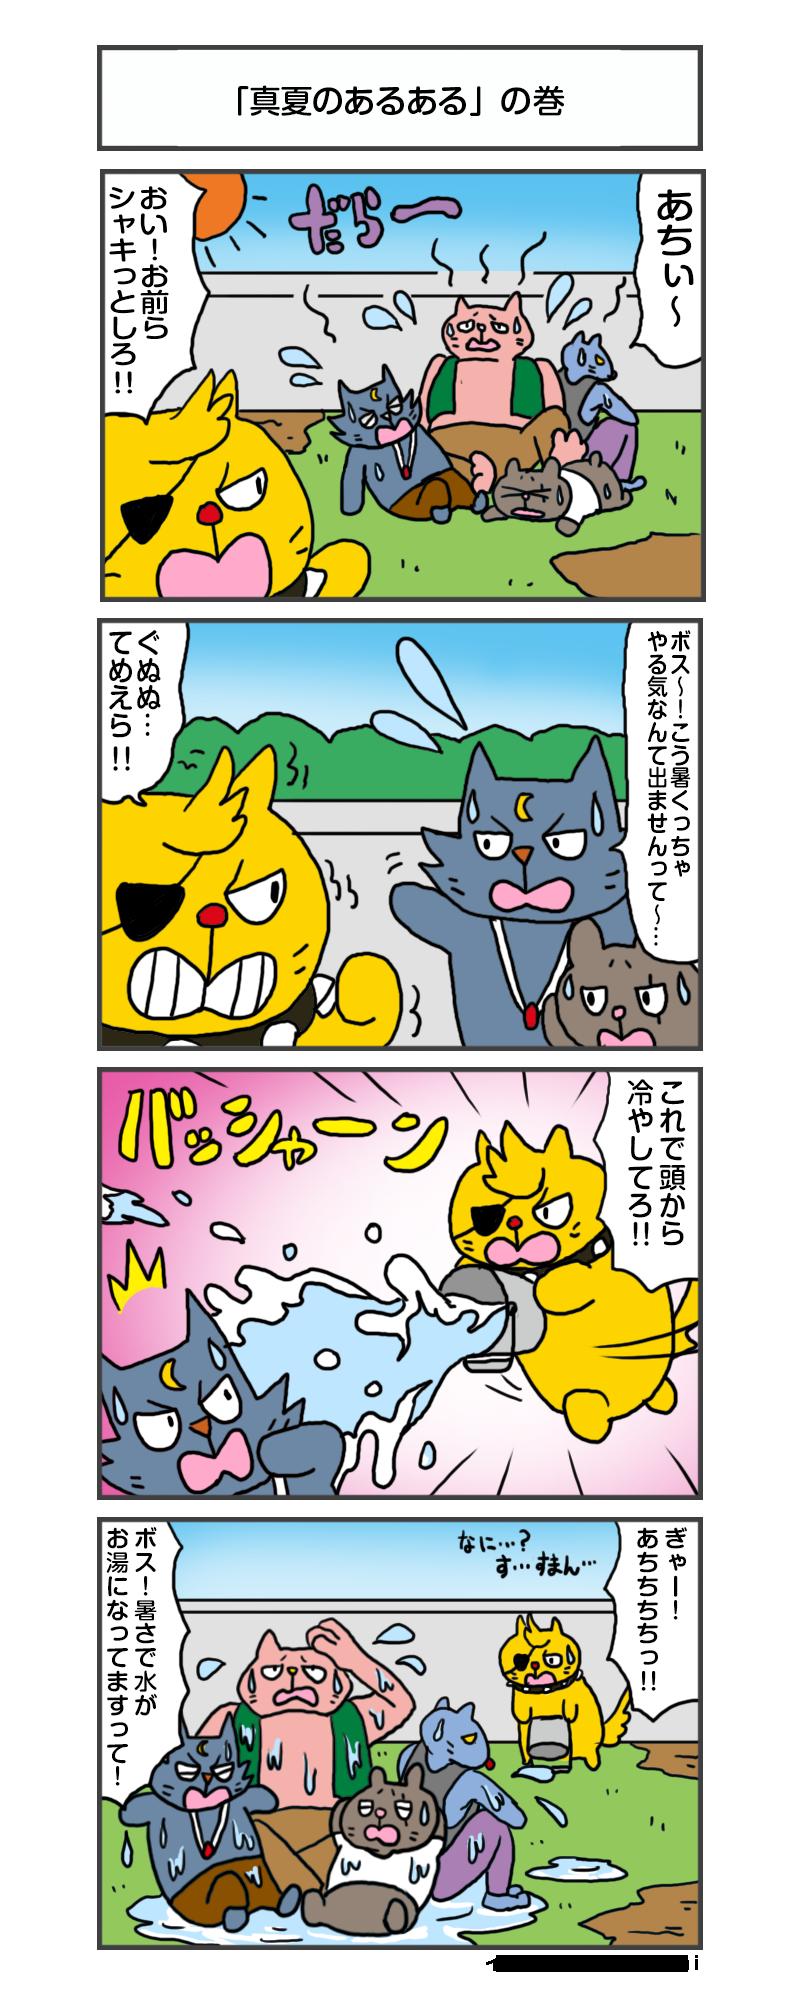 えきぞうmanga_vol.263